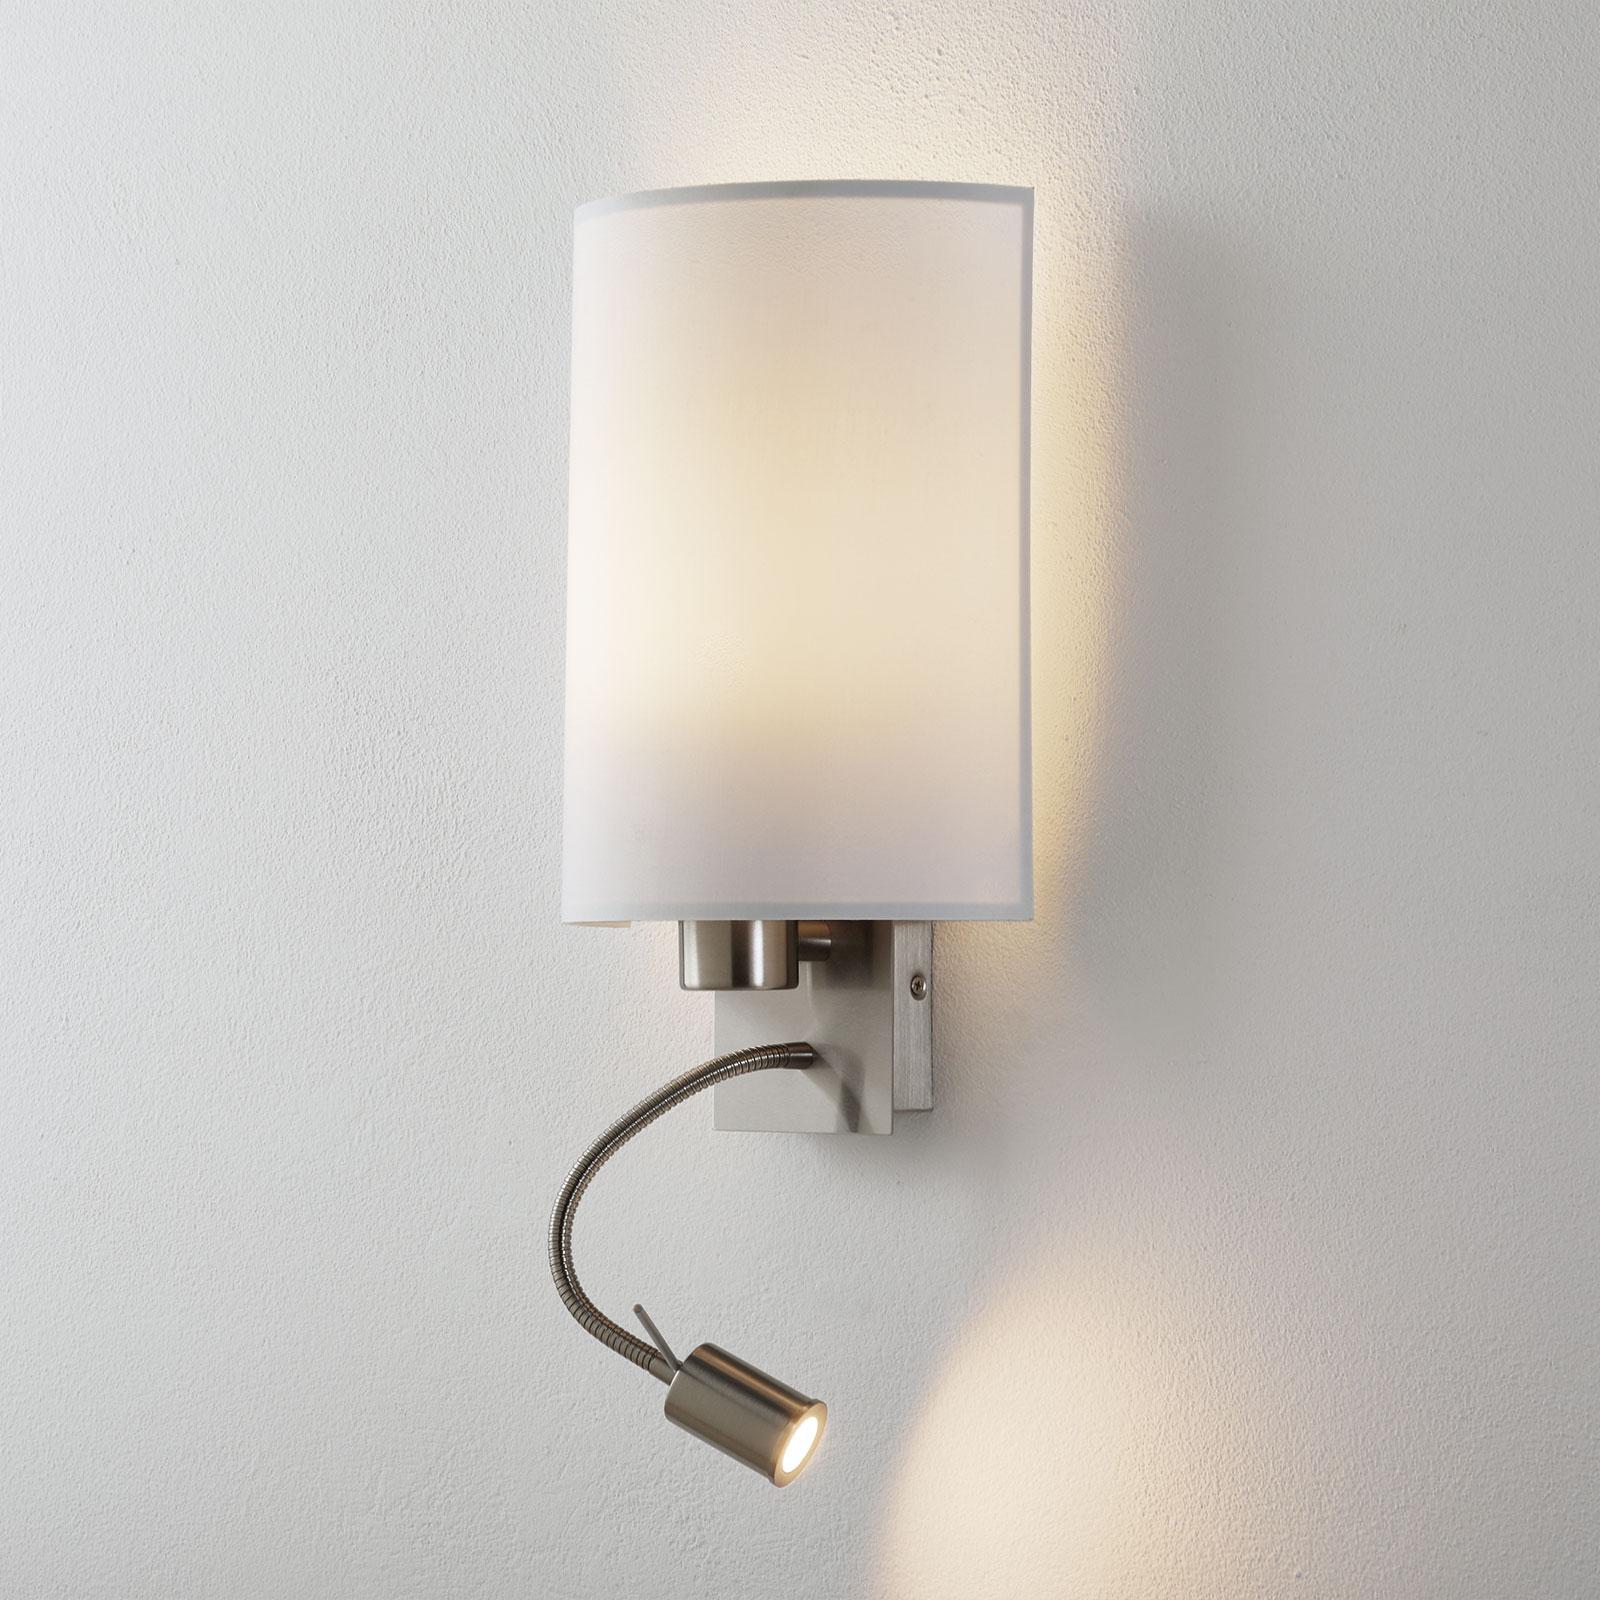 Lucande Patrik wandlamp leeslamp rond wit